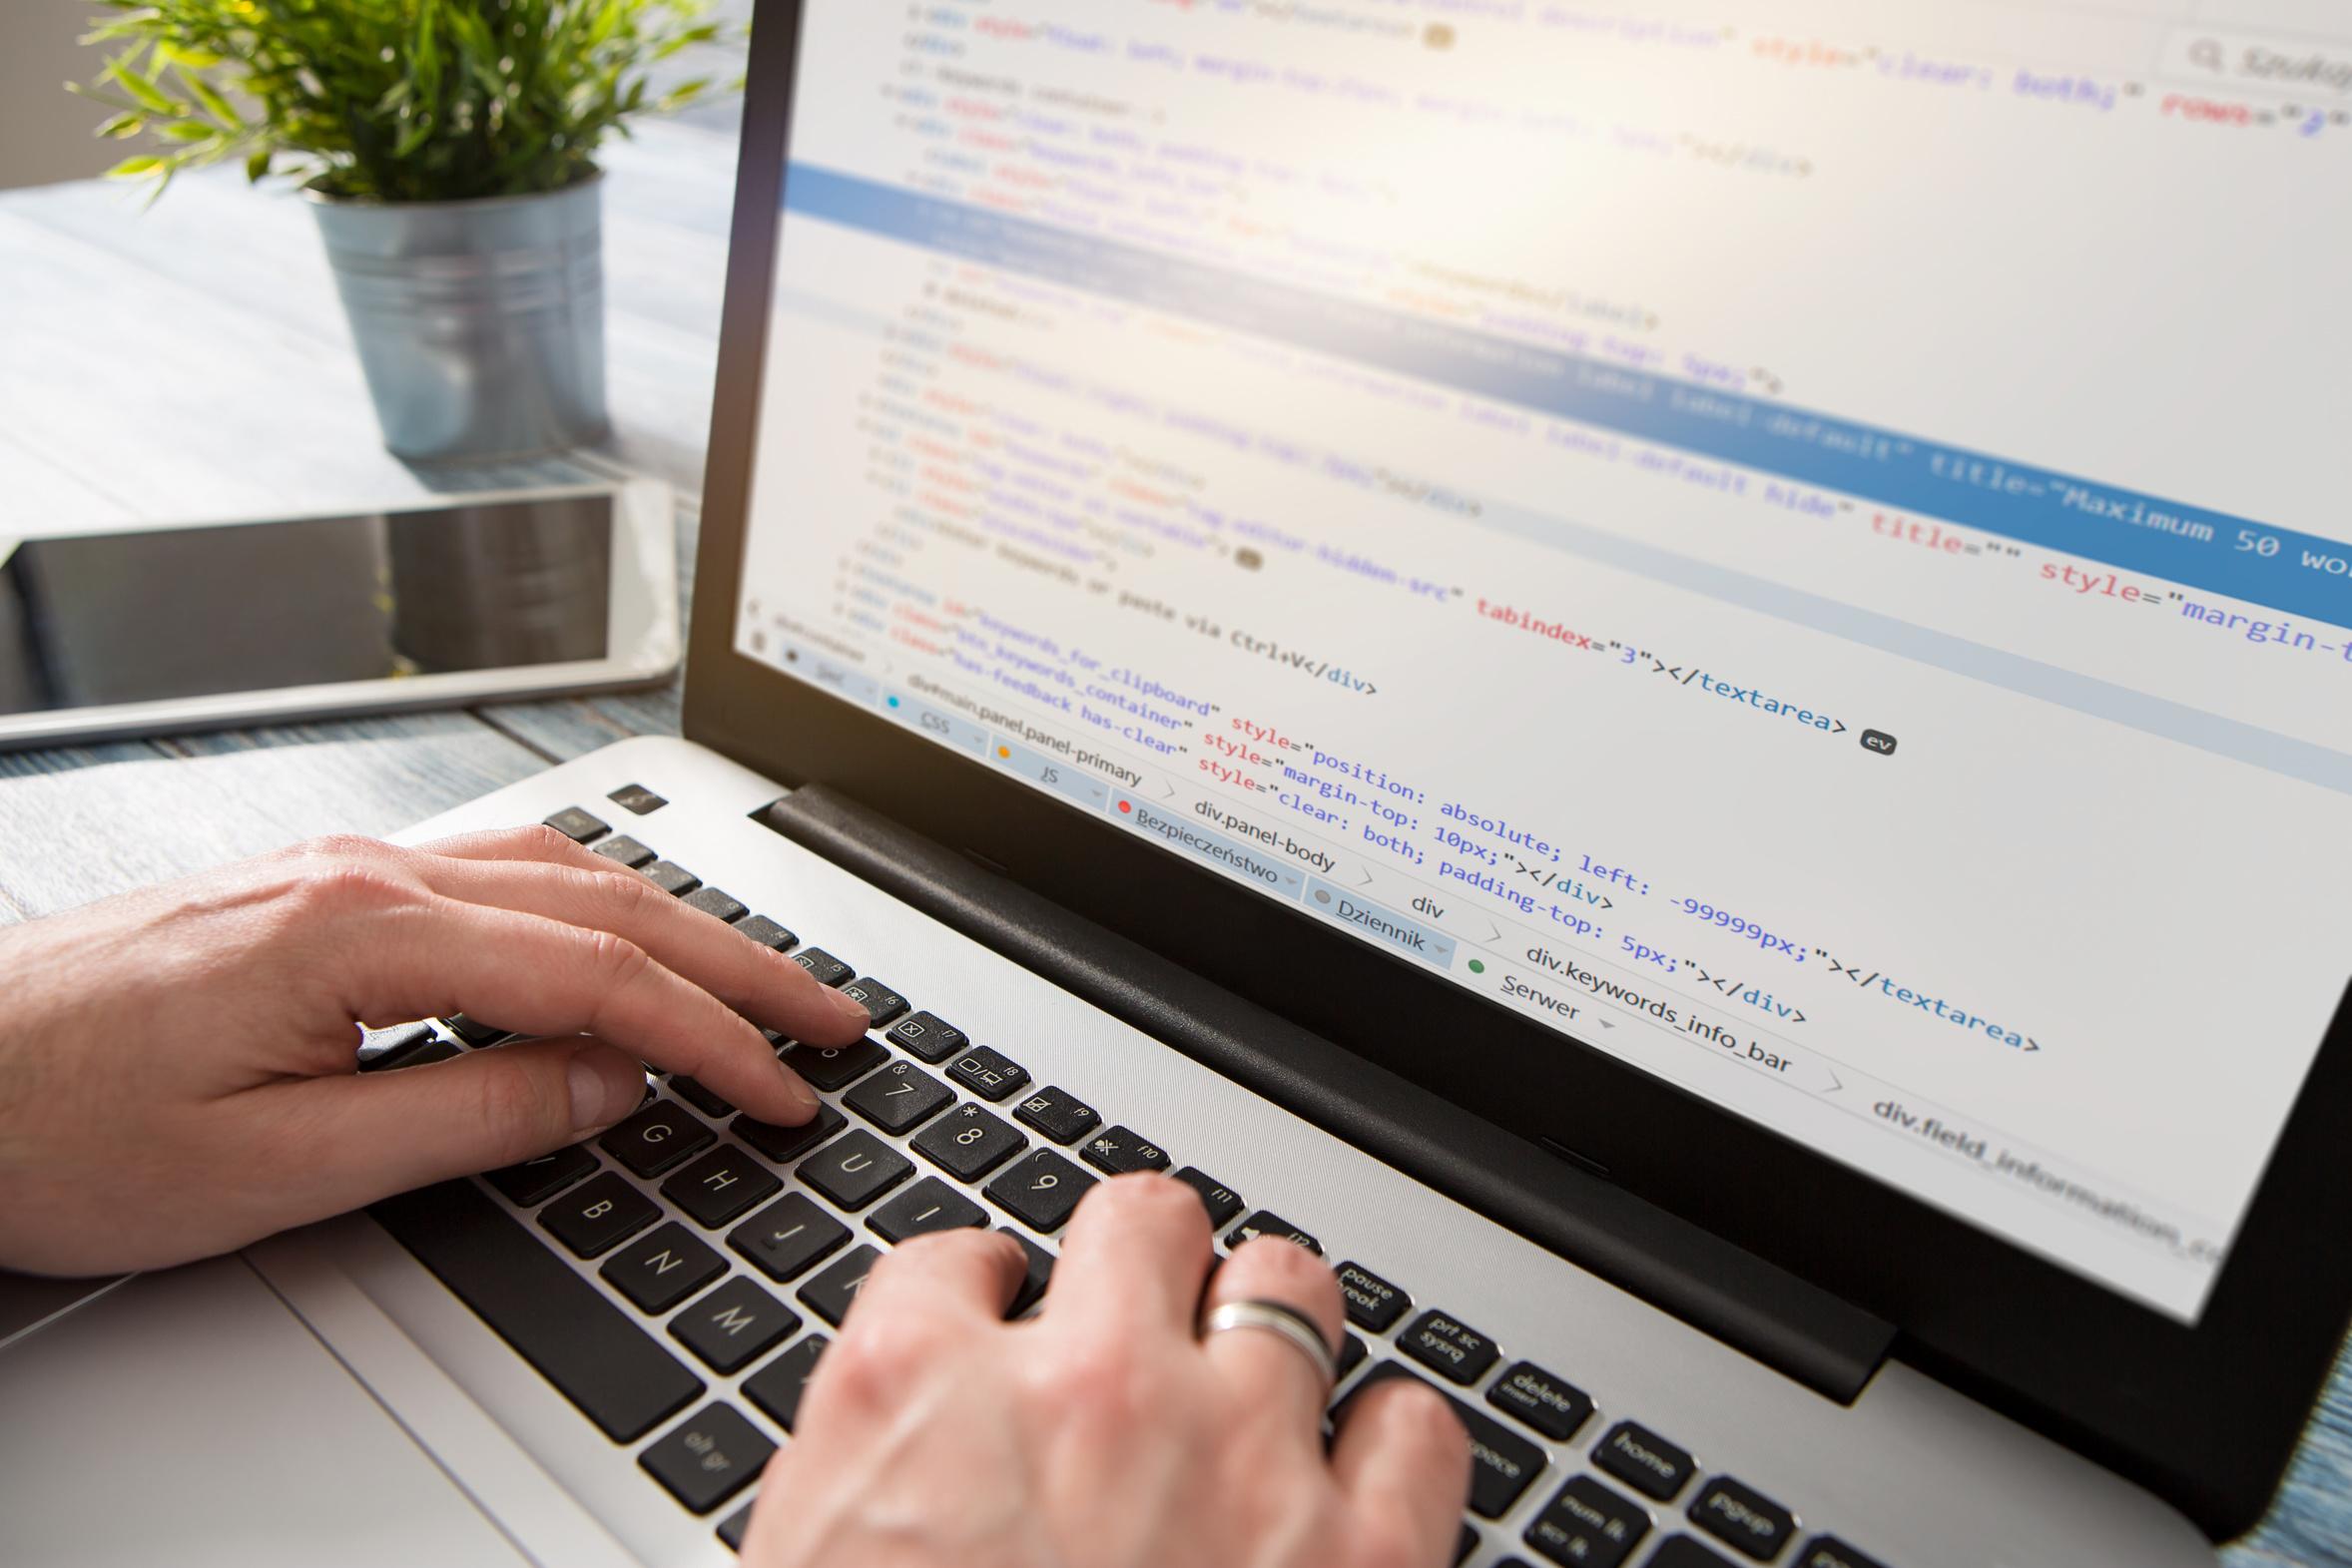 Programmieren am Laptop mit Quelltext auf dem Bildschirm